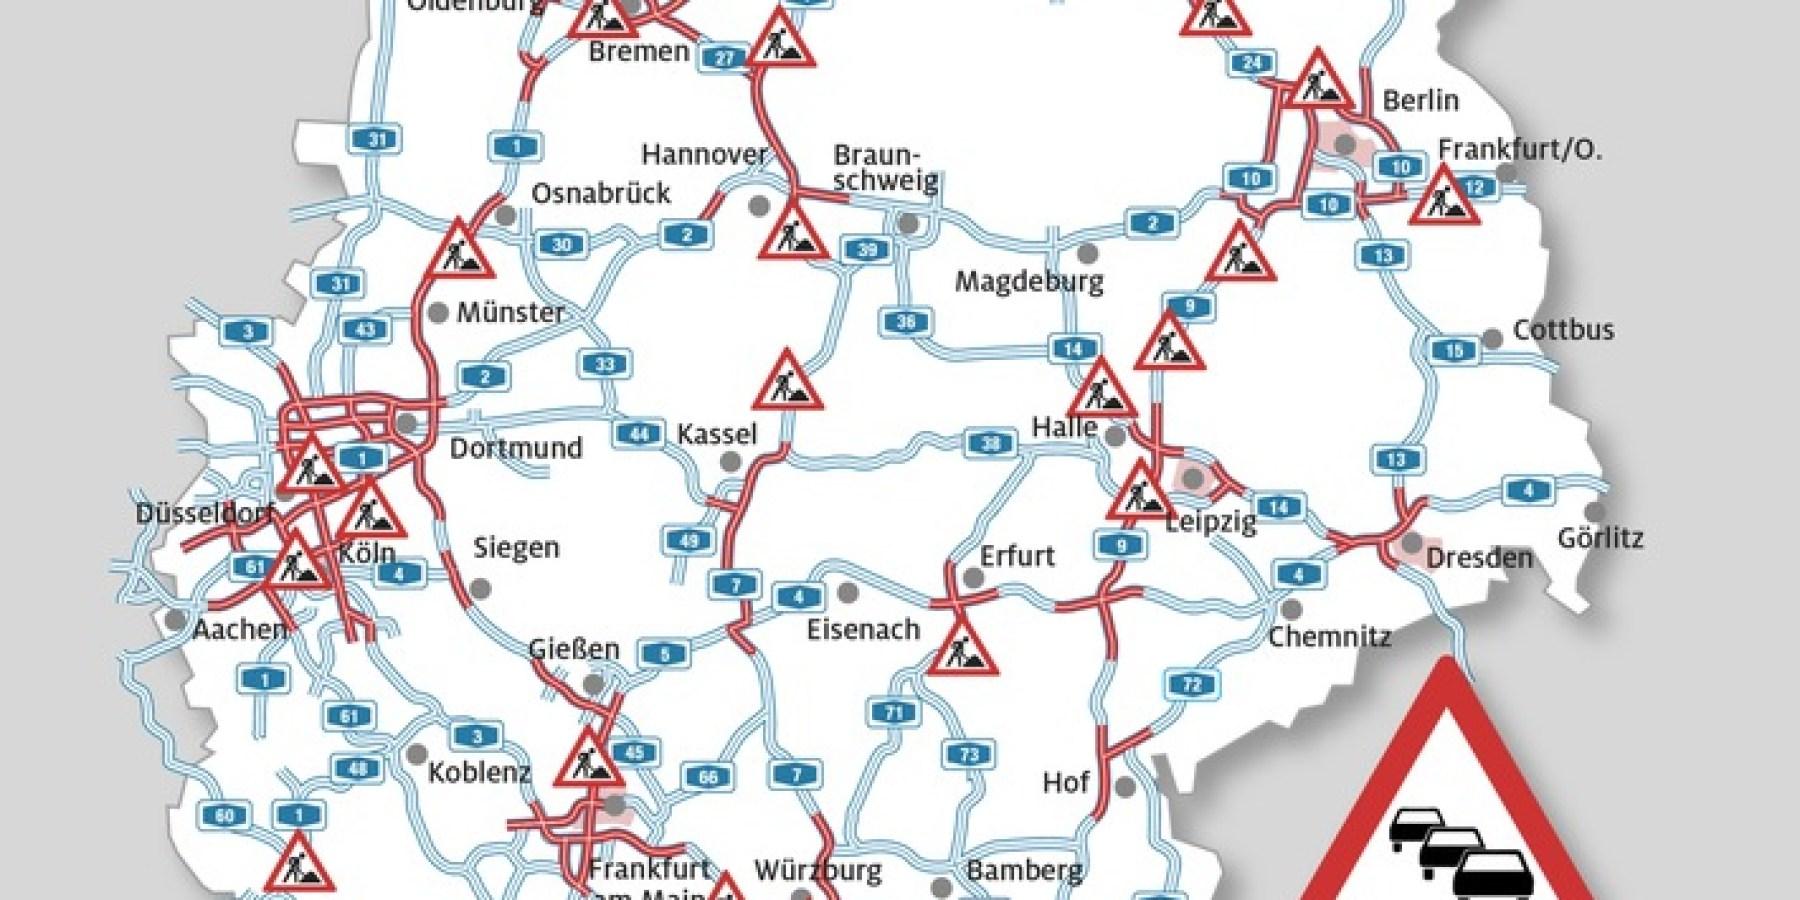 Staustufe Rot für alle Richtungen – Wende auf den Autobahnen